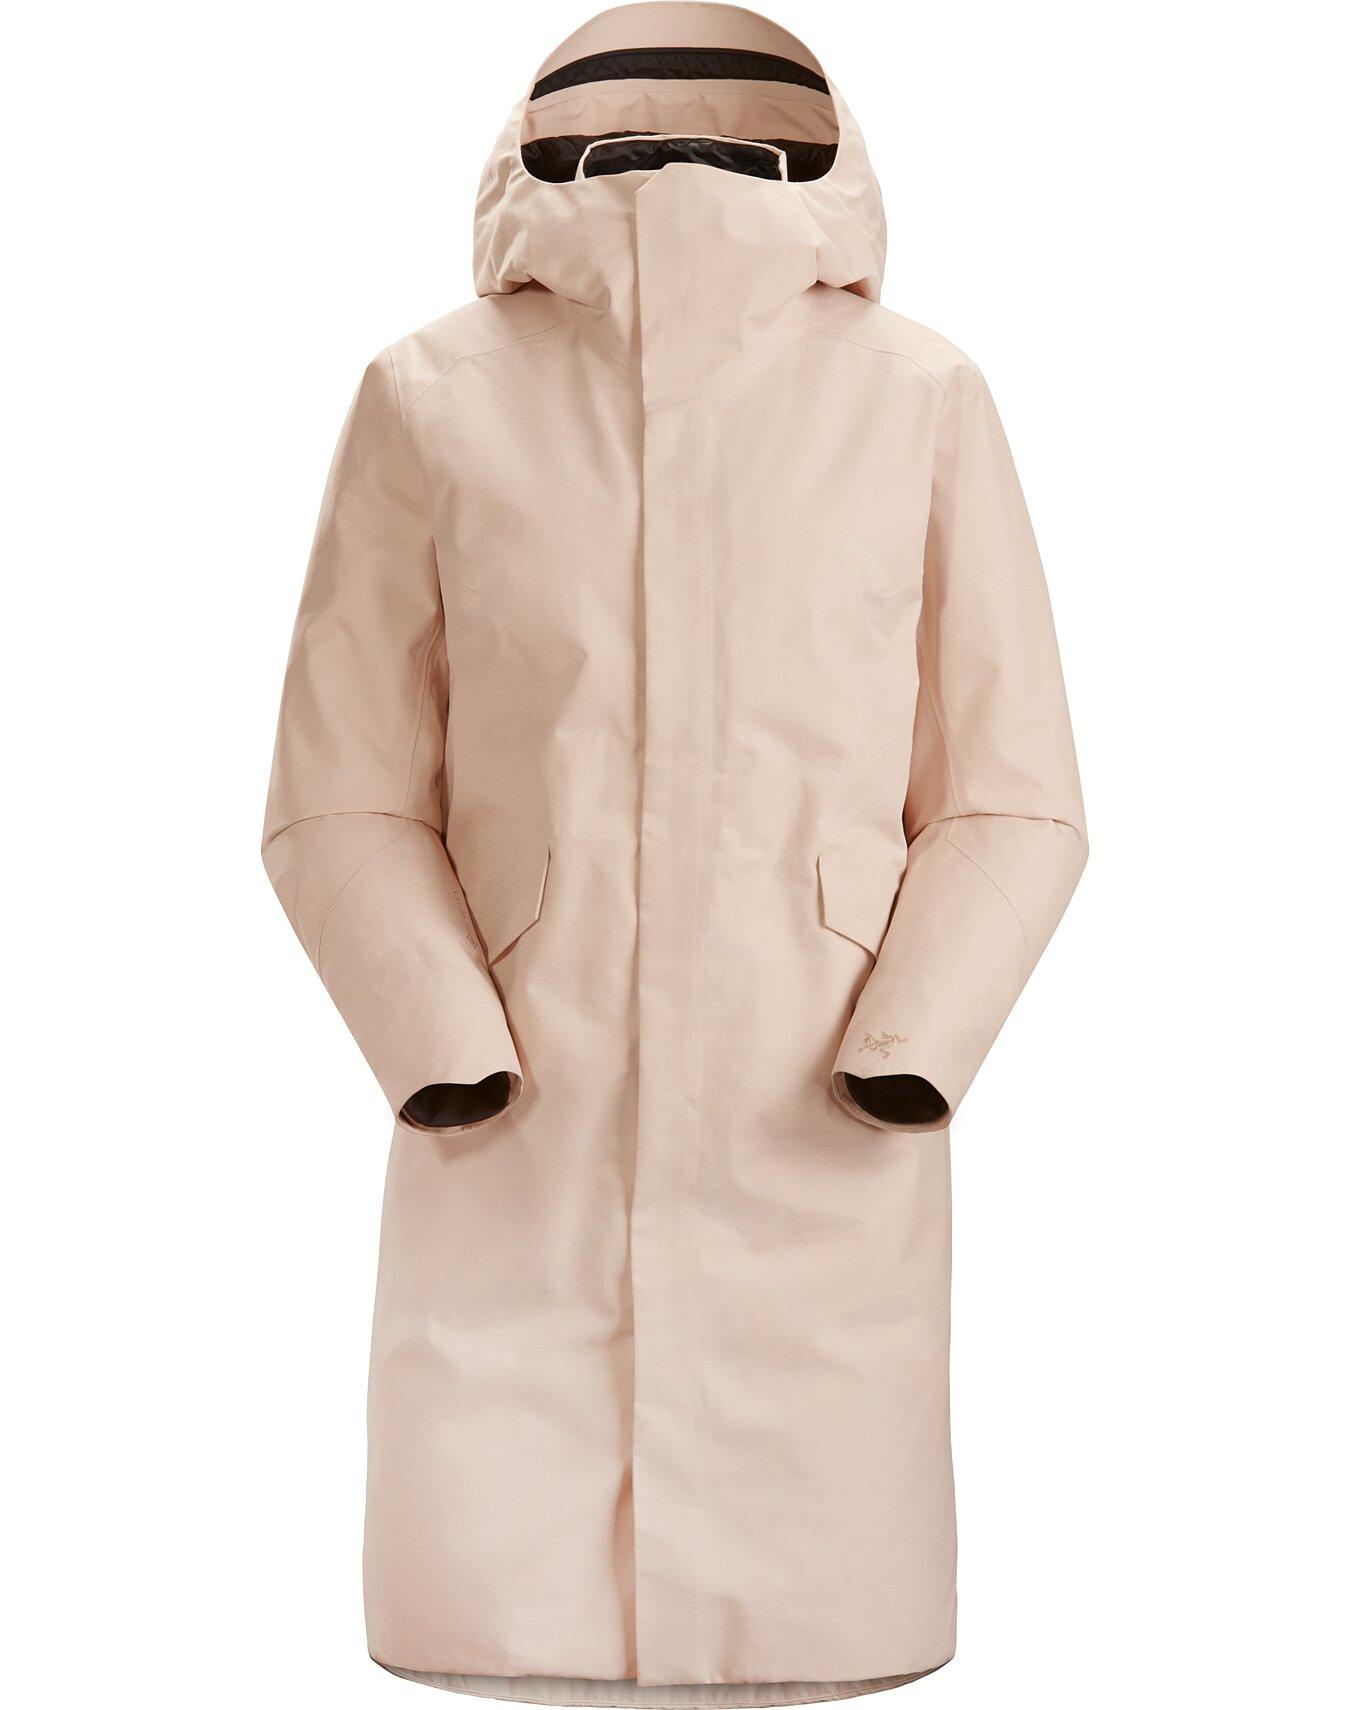 Andra LT IS Coat Women's